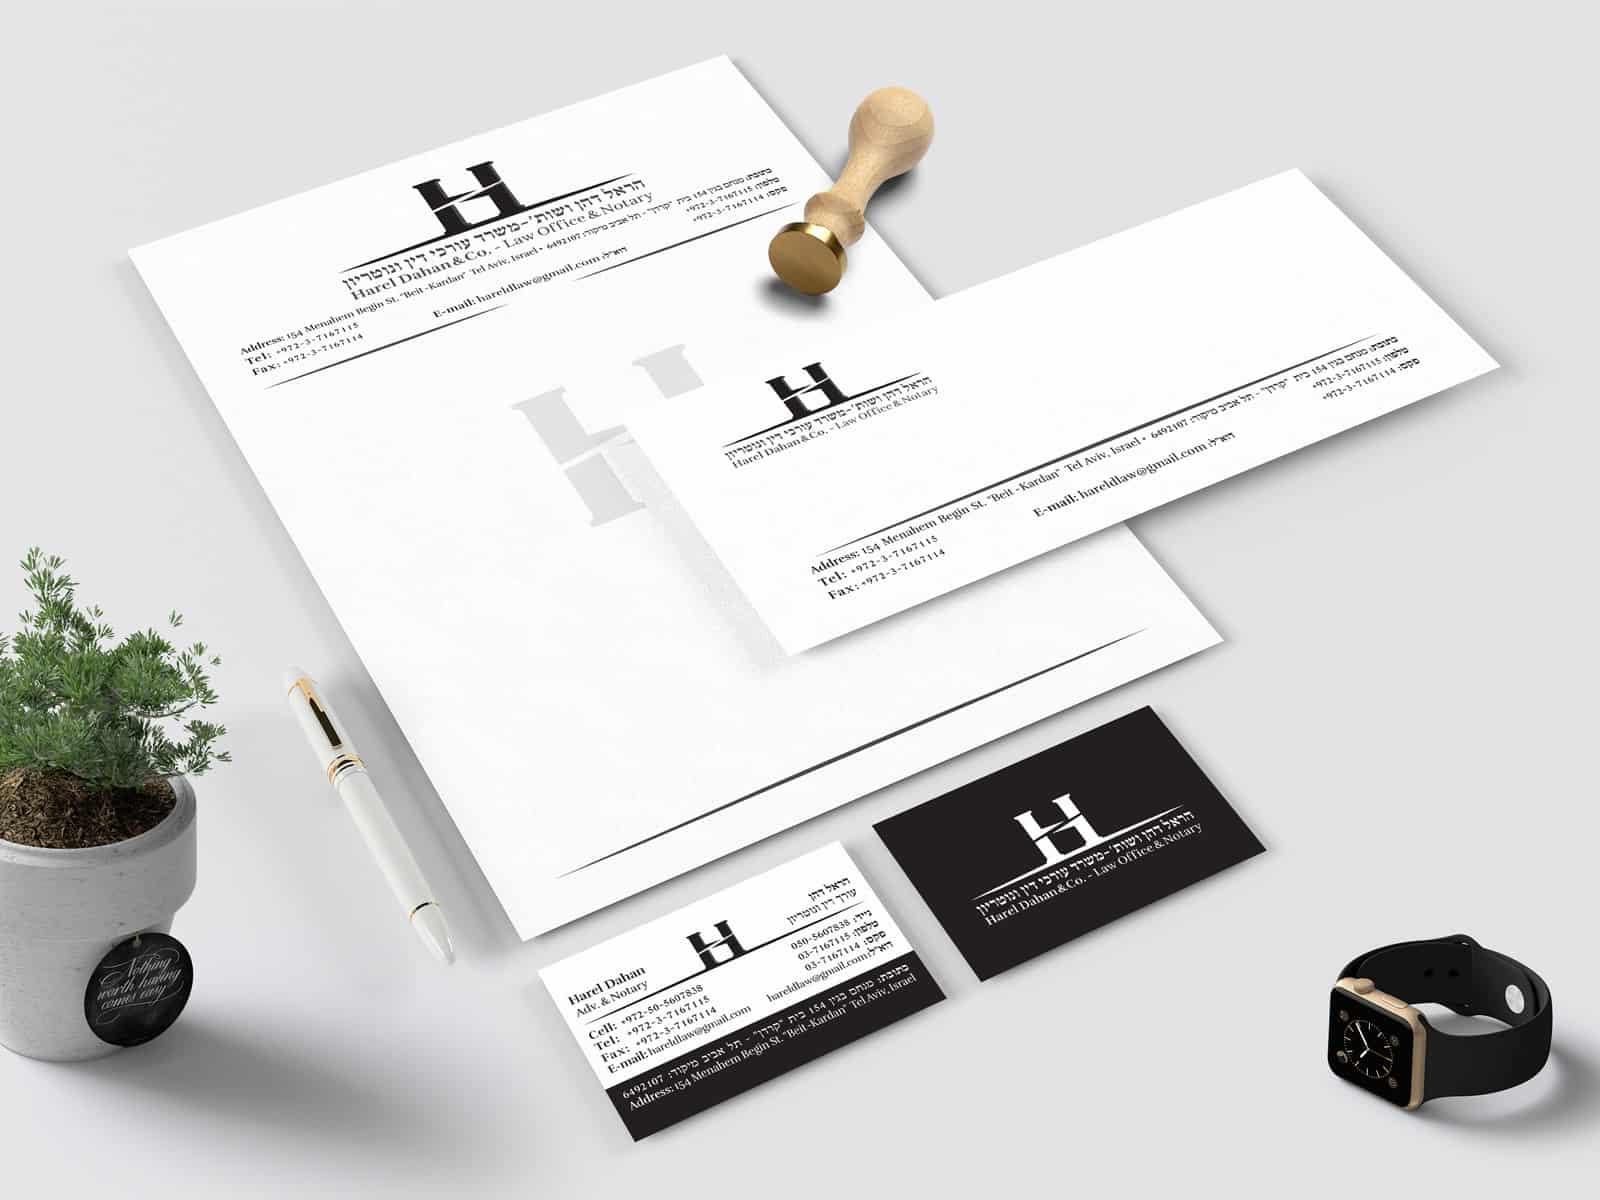 עיצוב לוגו לעורך דין וחבילות מיתוג לעורכי דין